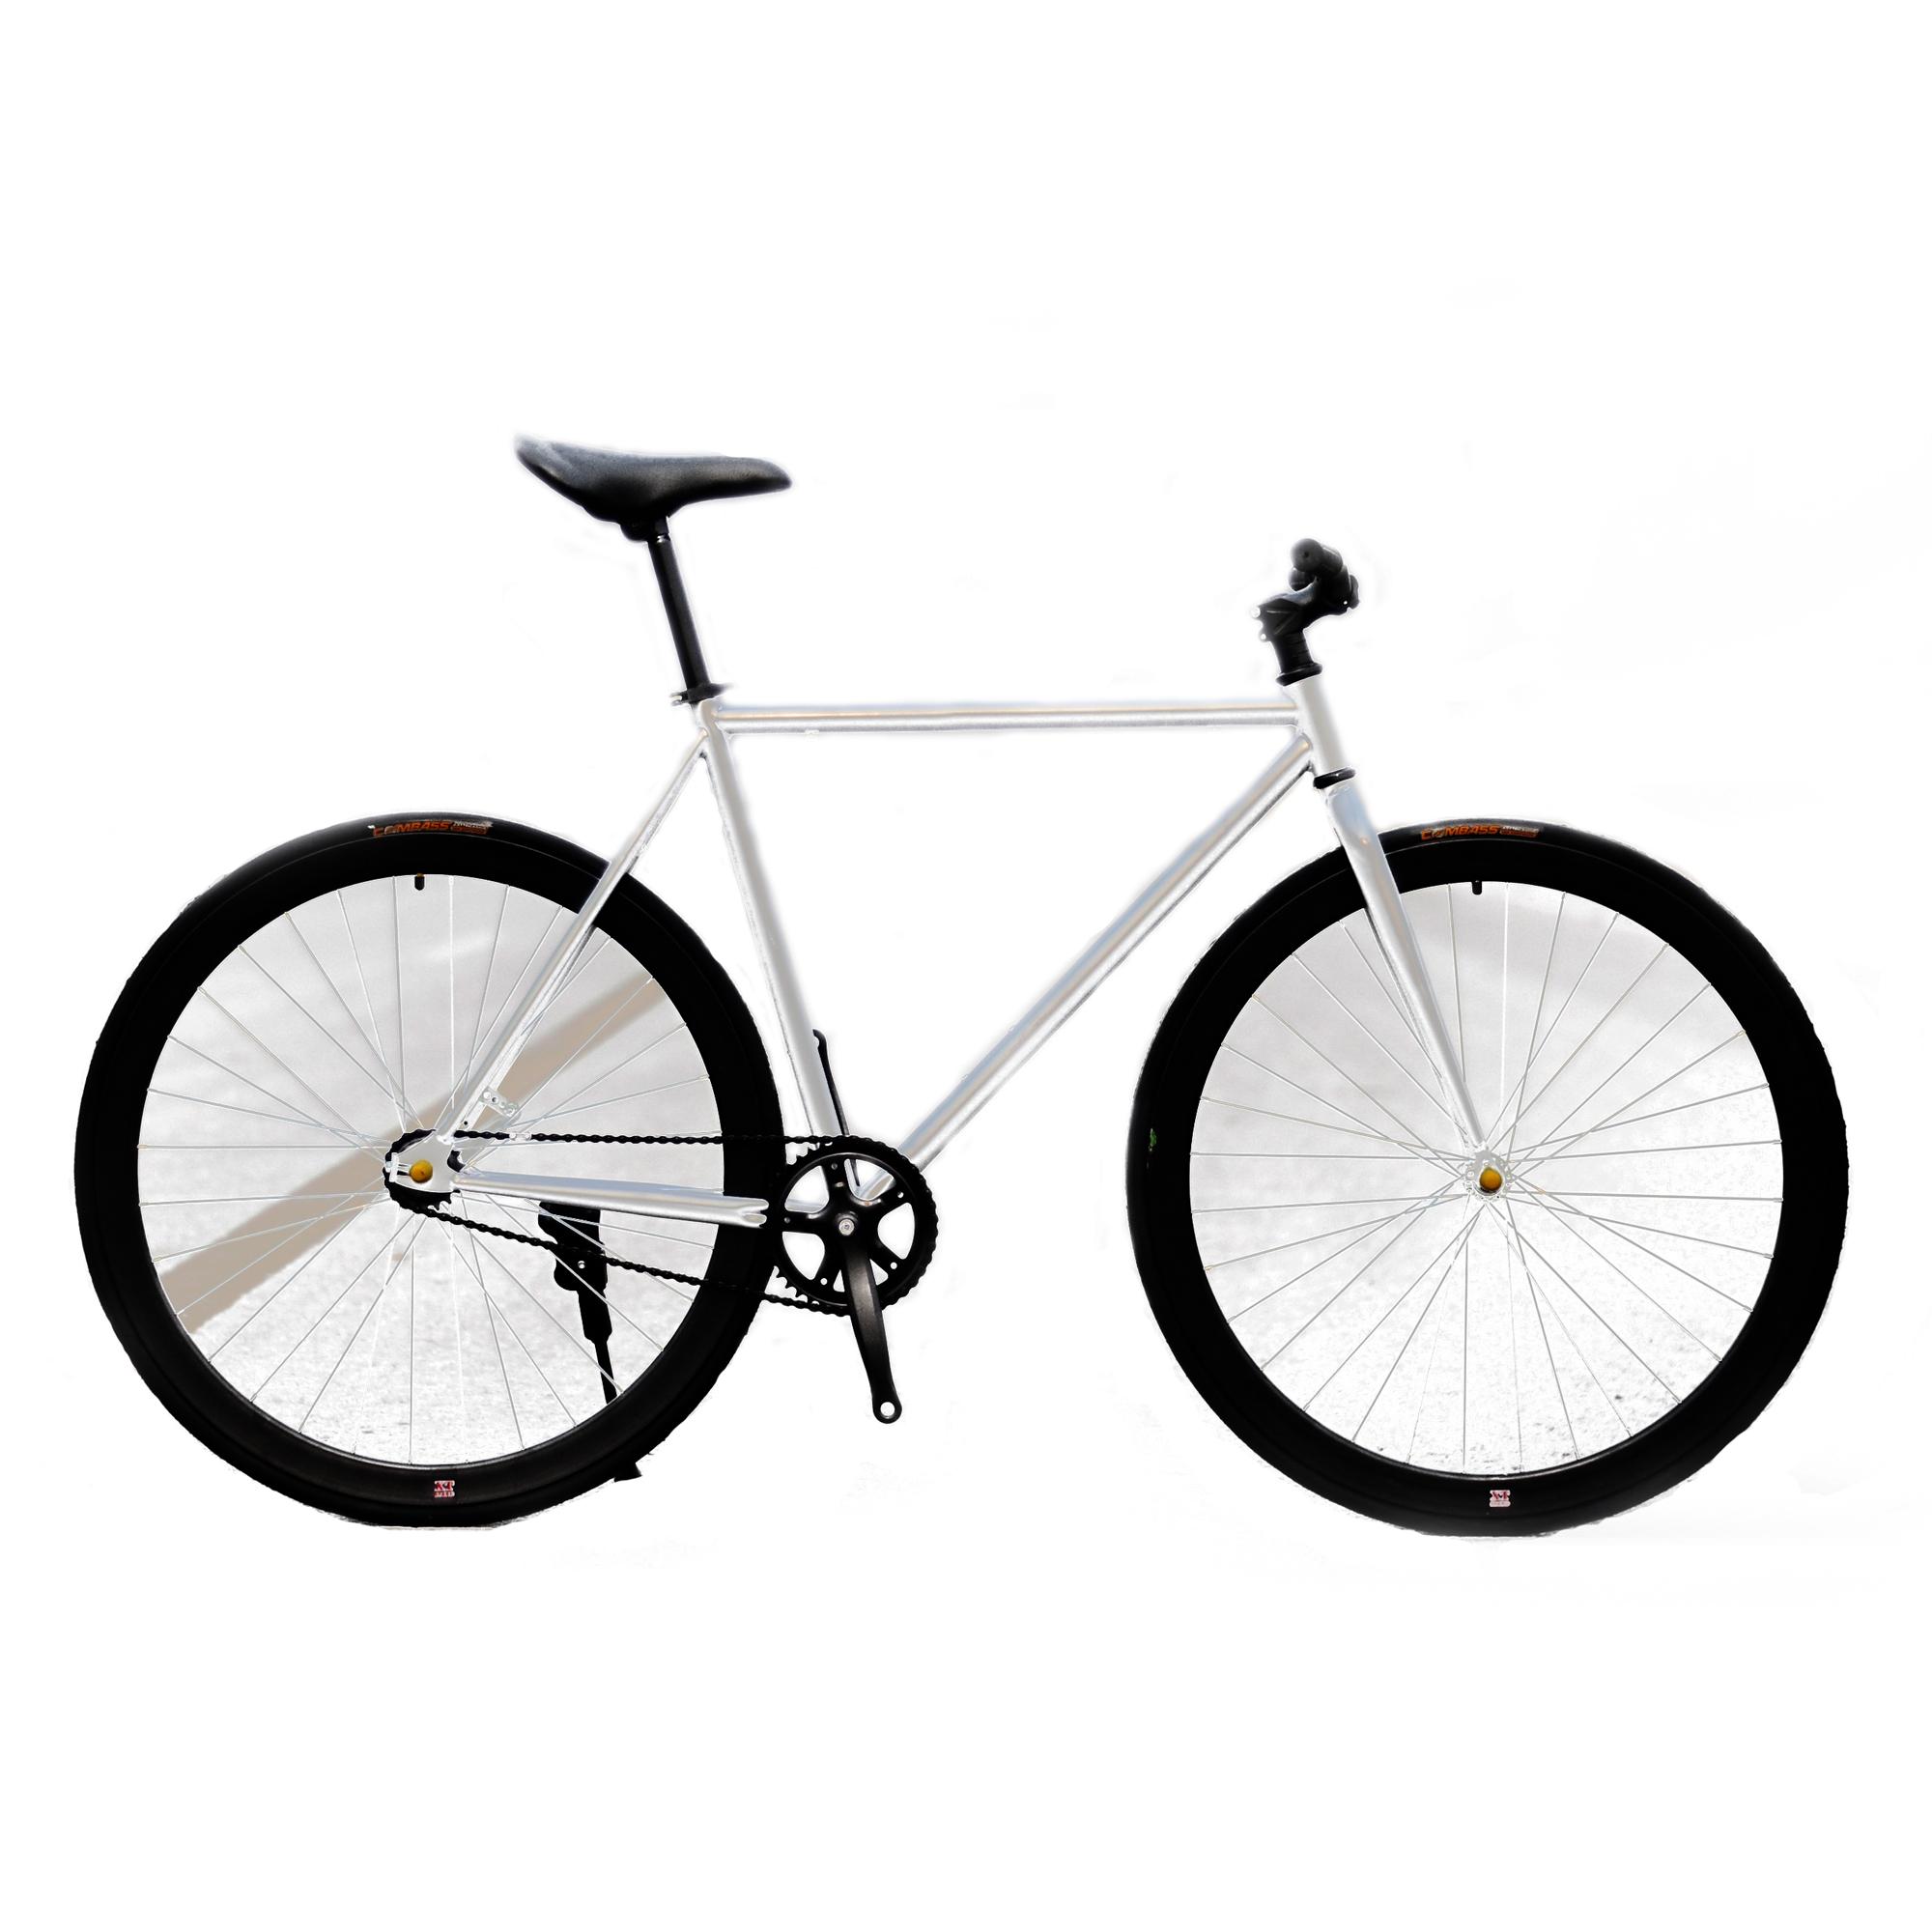 Xe đạp Fixed Gear Single Speed (Bạc Đen)